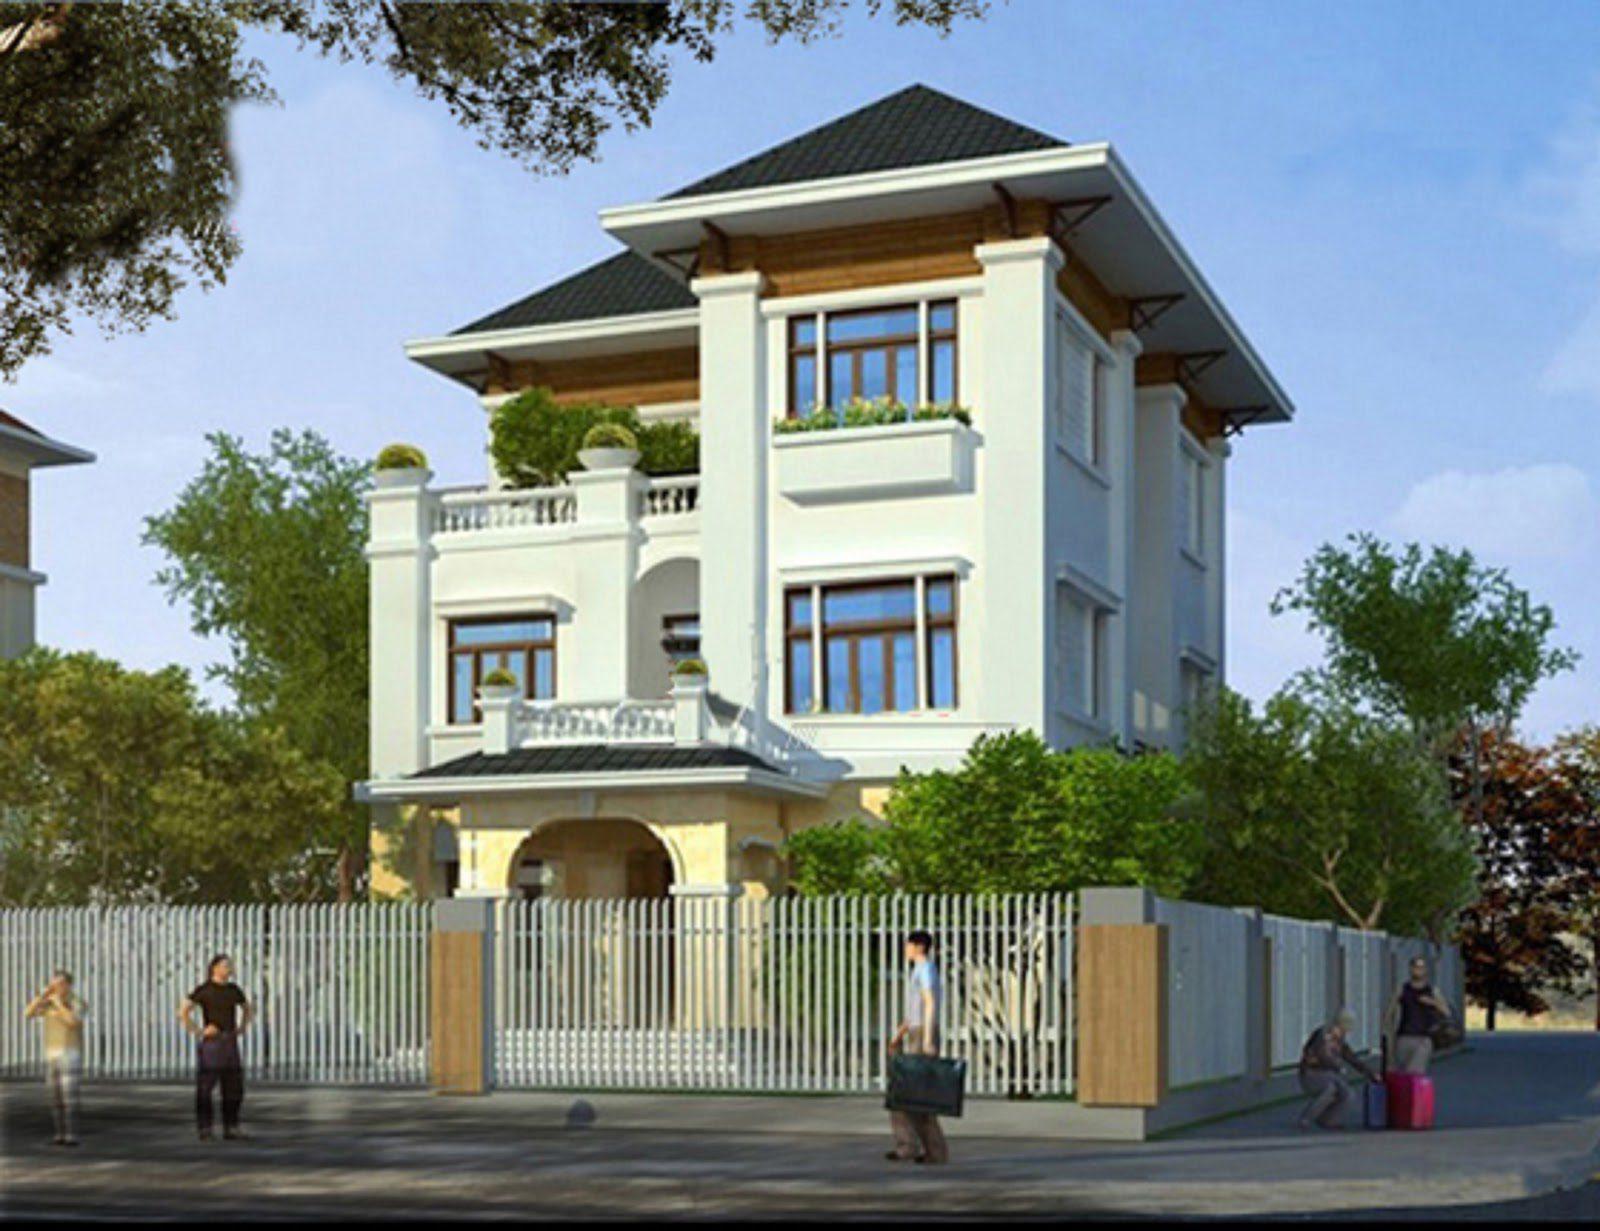 3c17998ee179 - 13 Kinh nghiệm xây nhà quý báu được các kiến trúc sư đúc kết chia sẻ